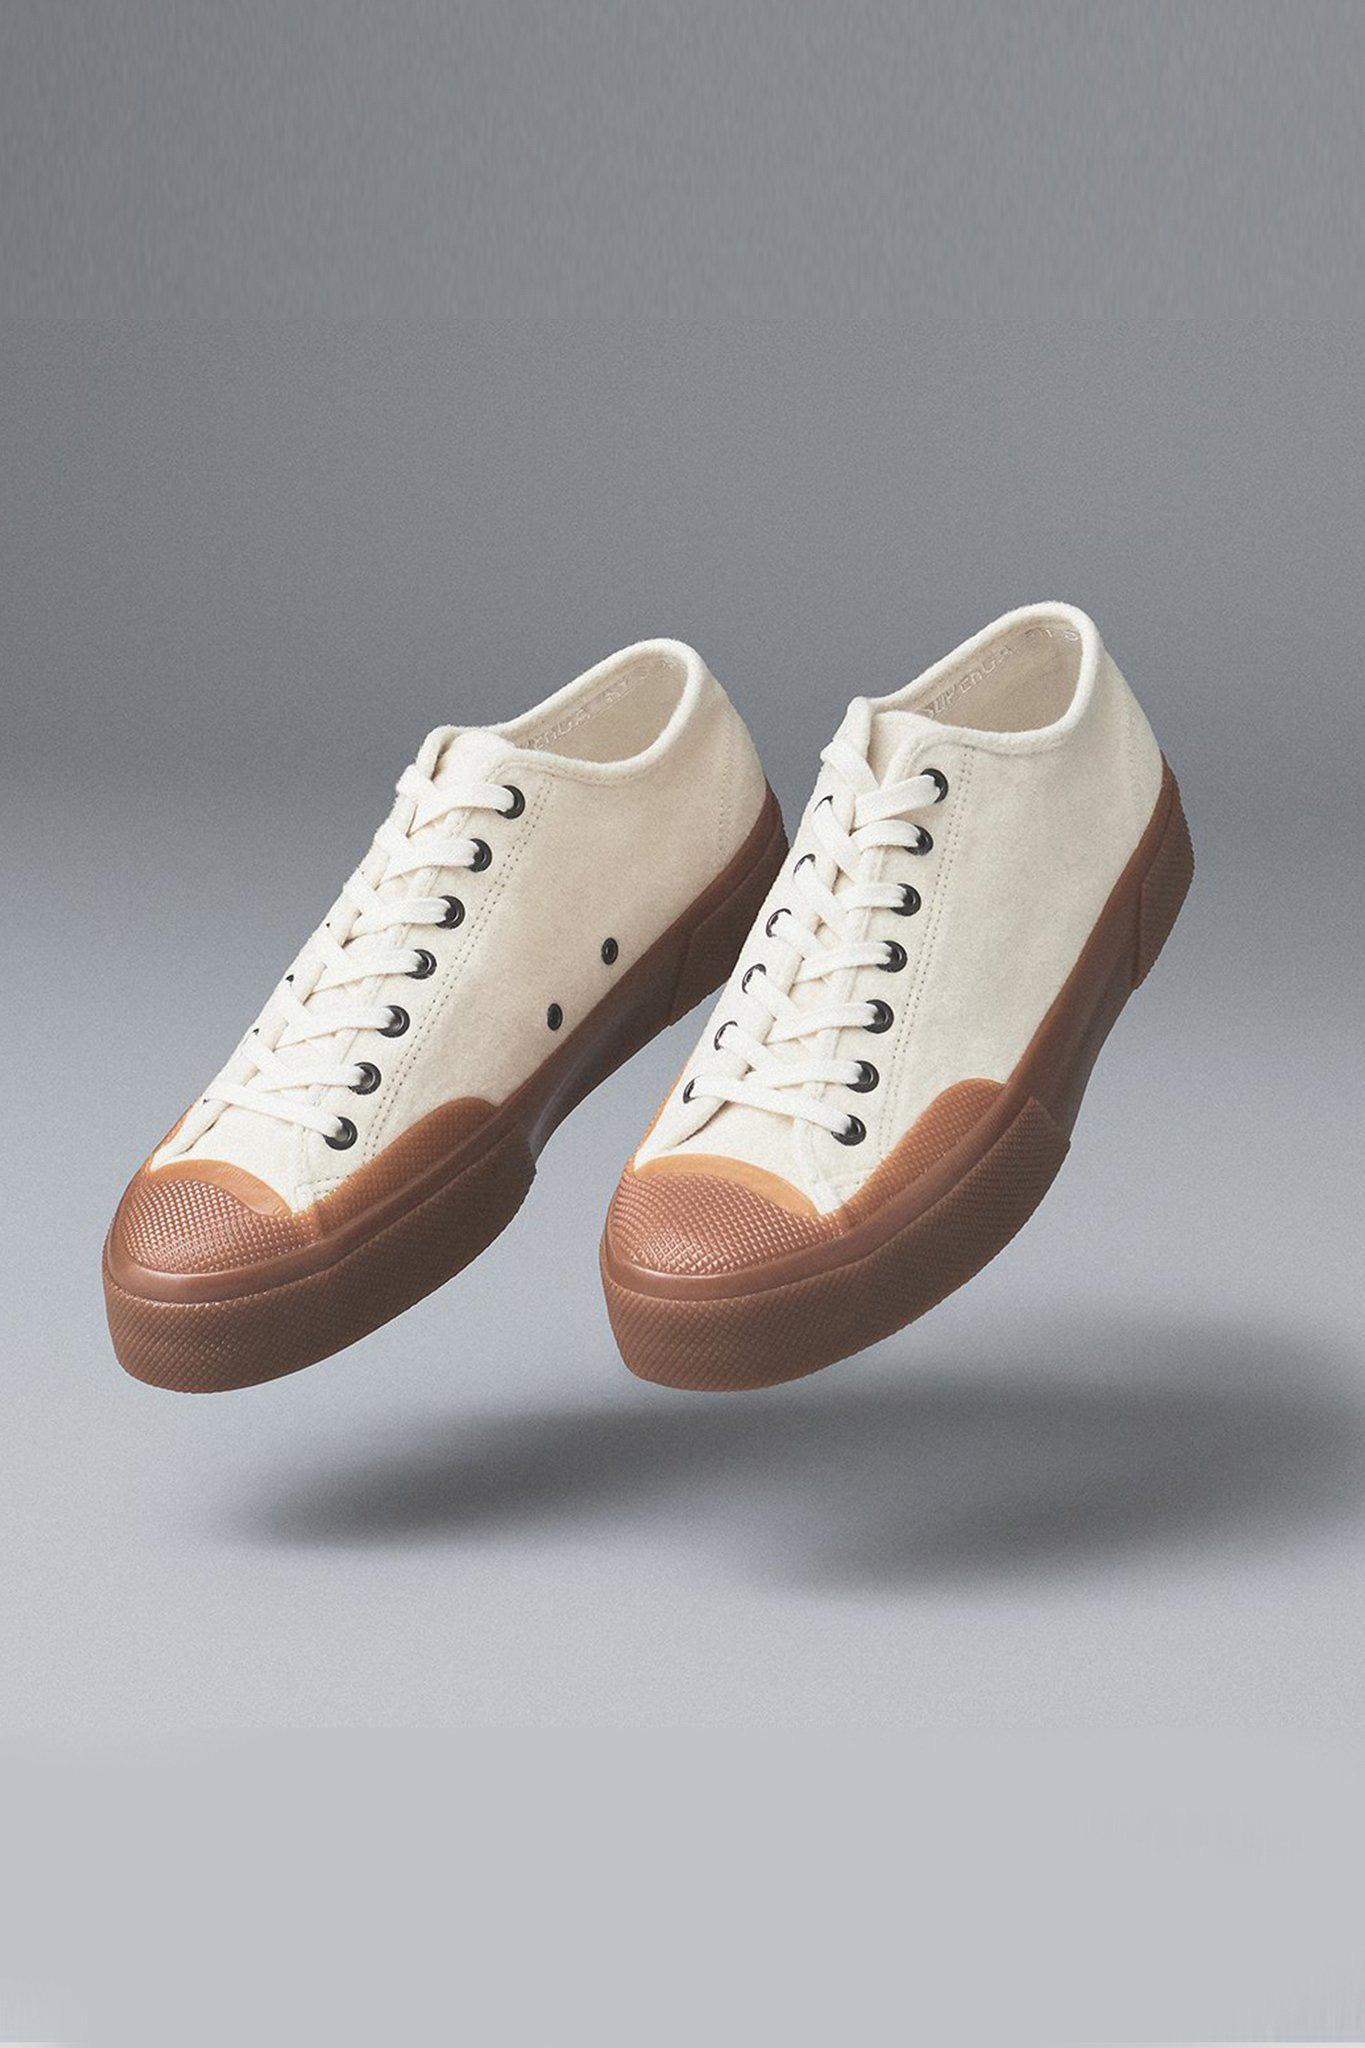 Hot nhất lúc này là sneaker đế cao su, chi từ 1 triệu là bạn đu được trend - Ảnh 7.